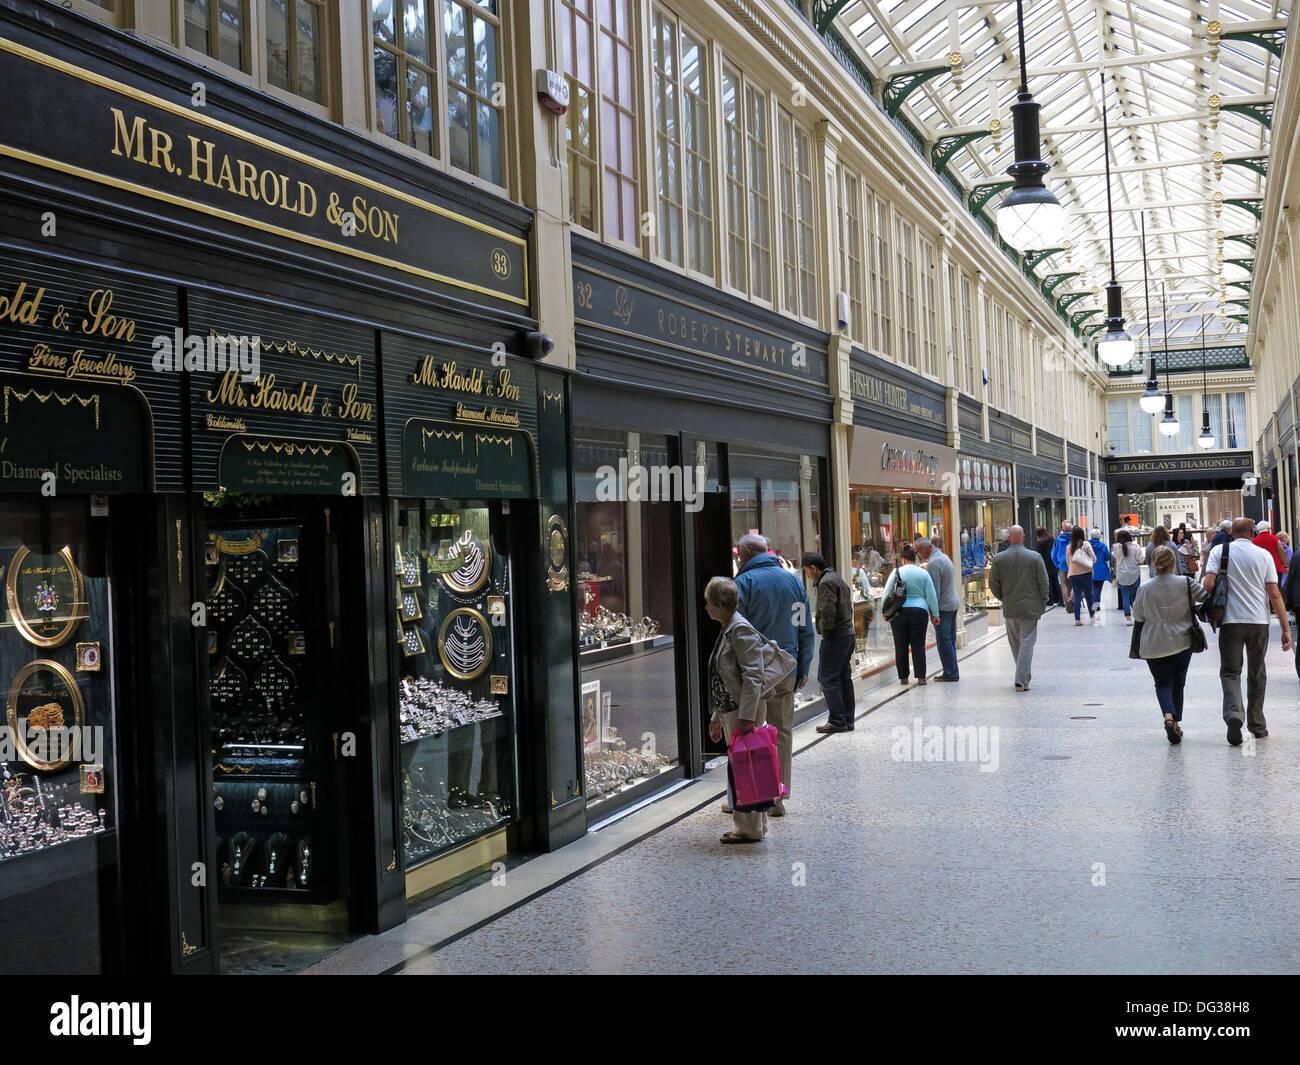 Laden Sie dieses Alamy Stockfoto Herr Harold & Söhne Shop in Argyll Arcade viktorianischen Glasgow Shopping-Mall, Schottland, Großbritannien - DG38H8